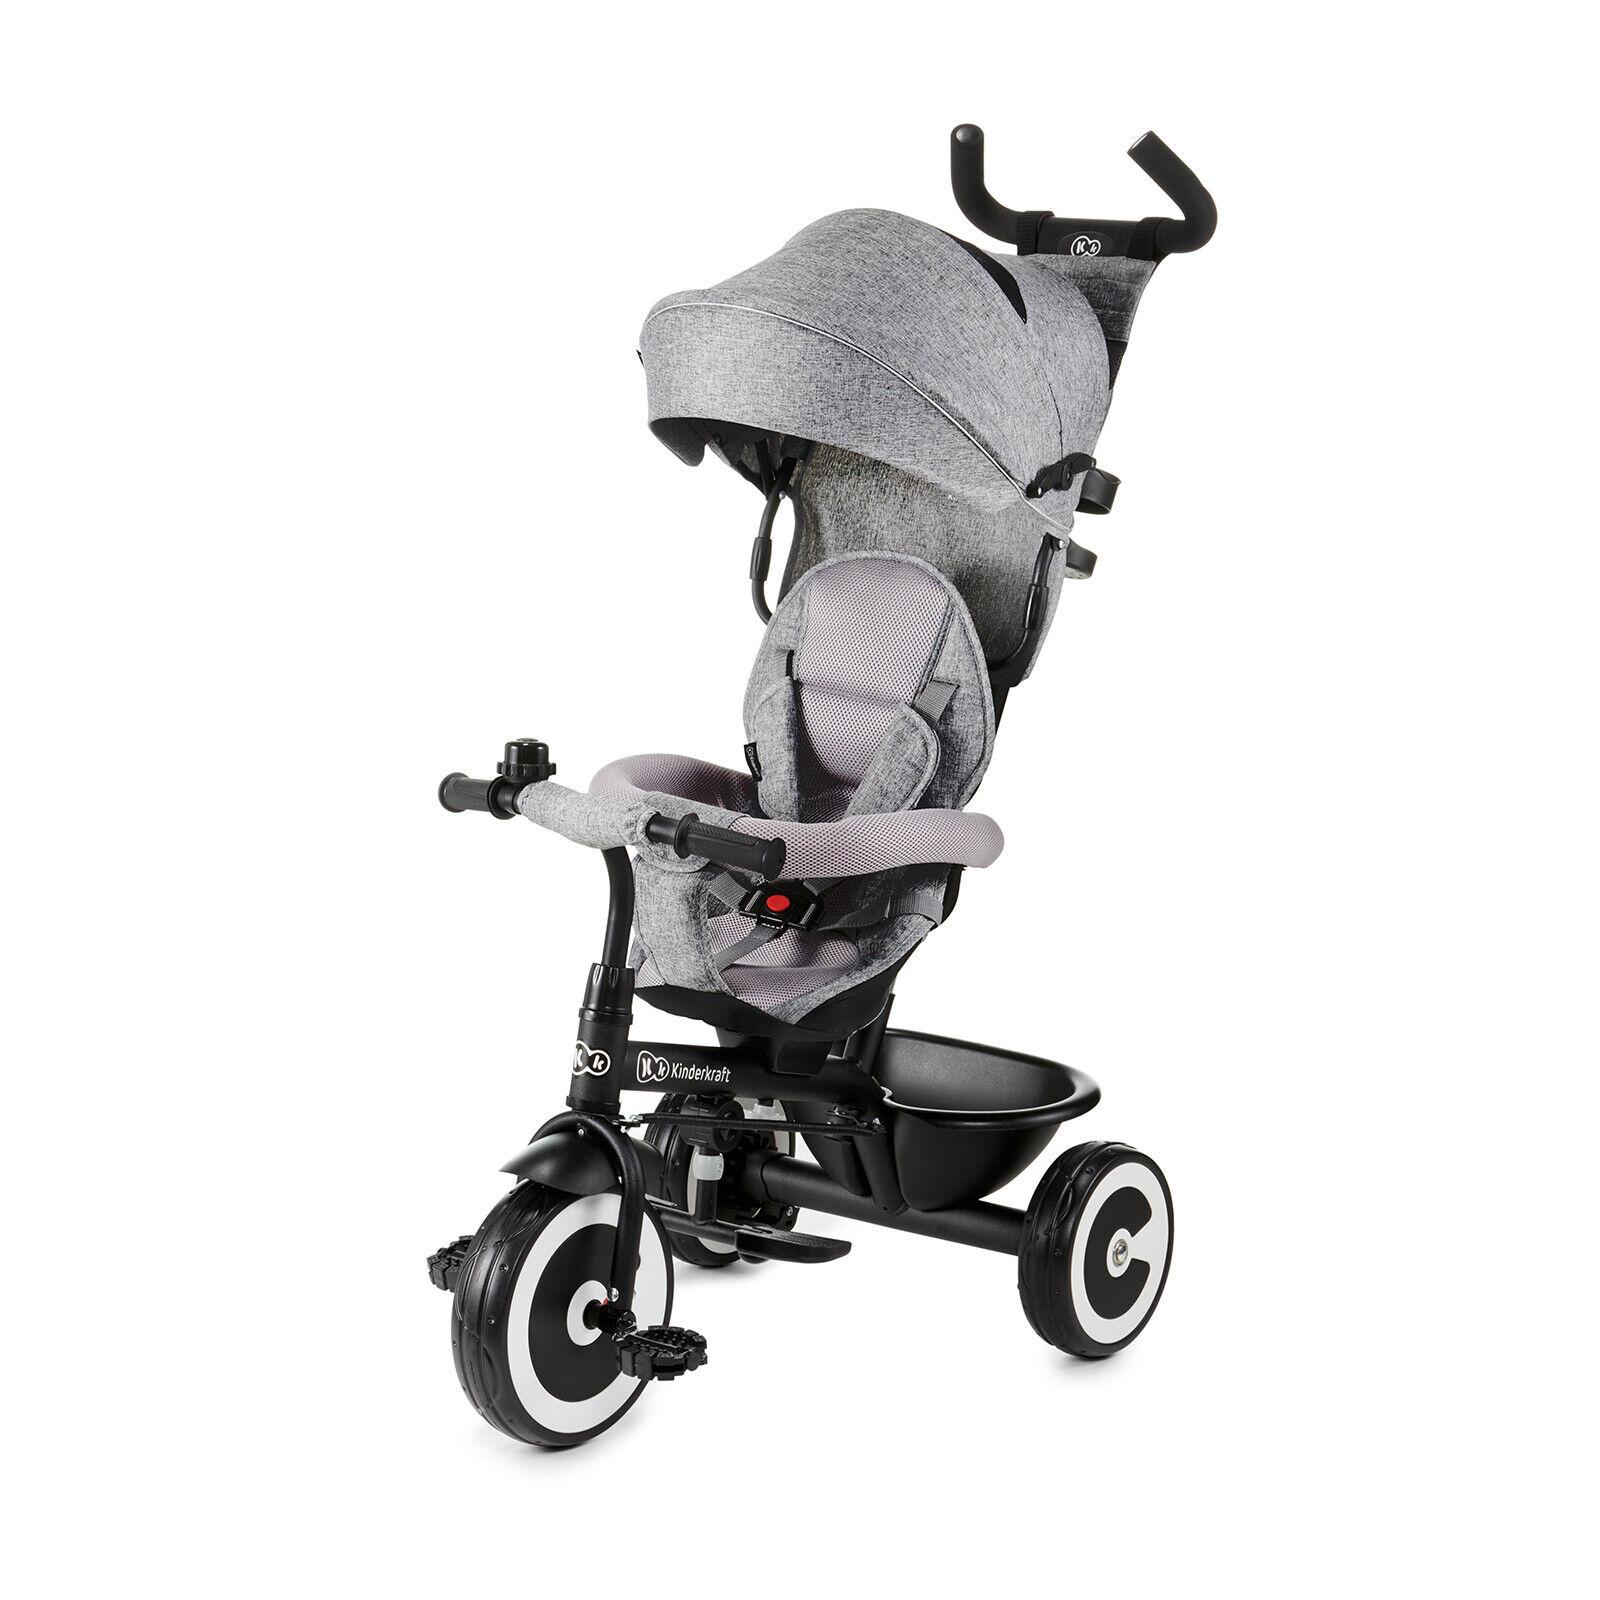 Kinderkraft Dreirad ASTON Kinderdreirad Jogger mit Zubehör Dachfenster Grau